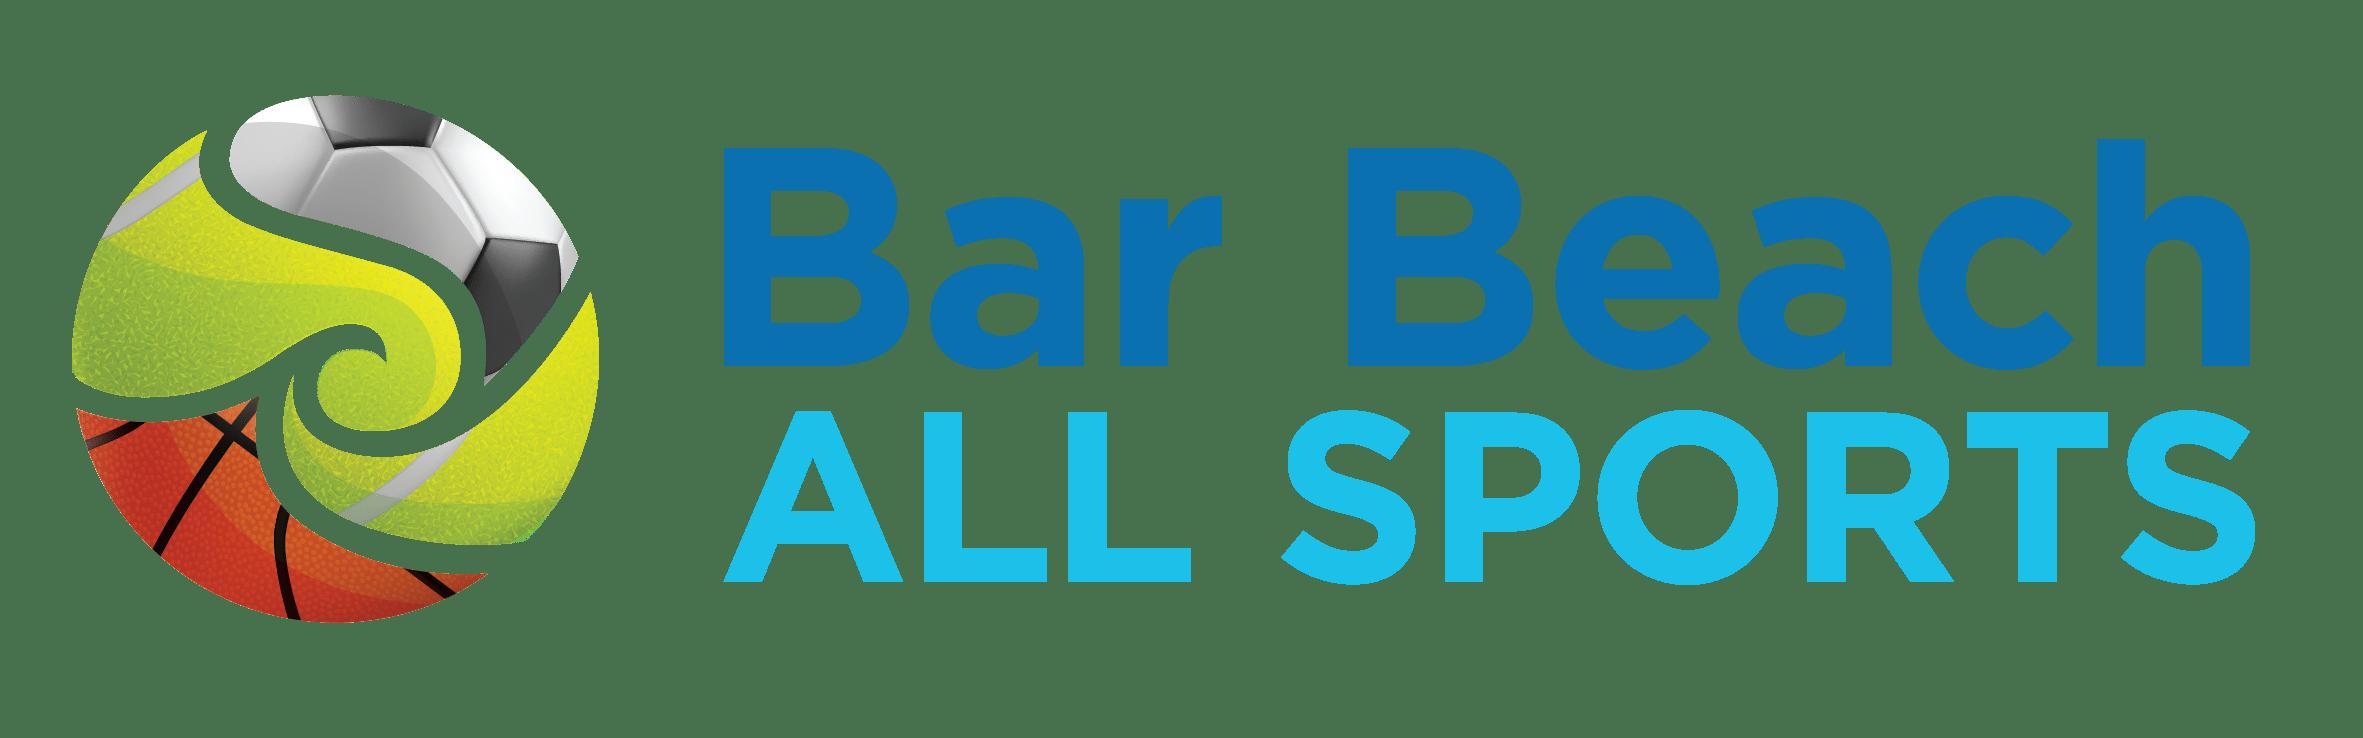 Newcastle Sports League - Bar Beach All Sports